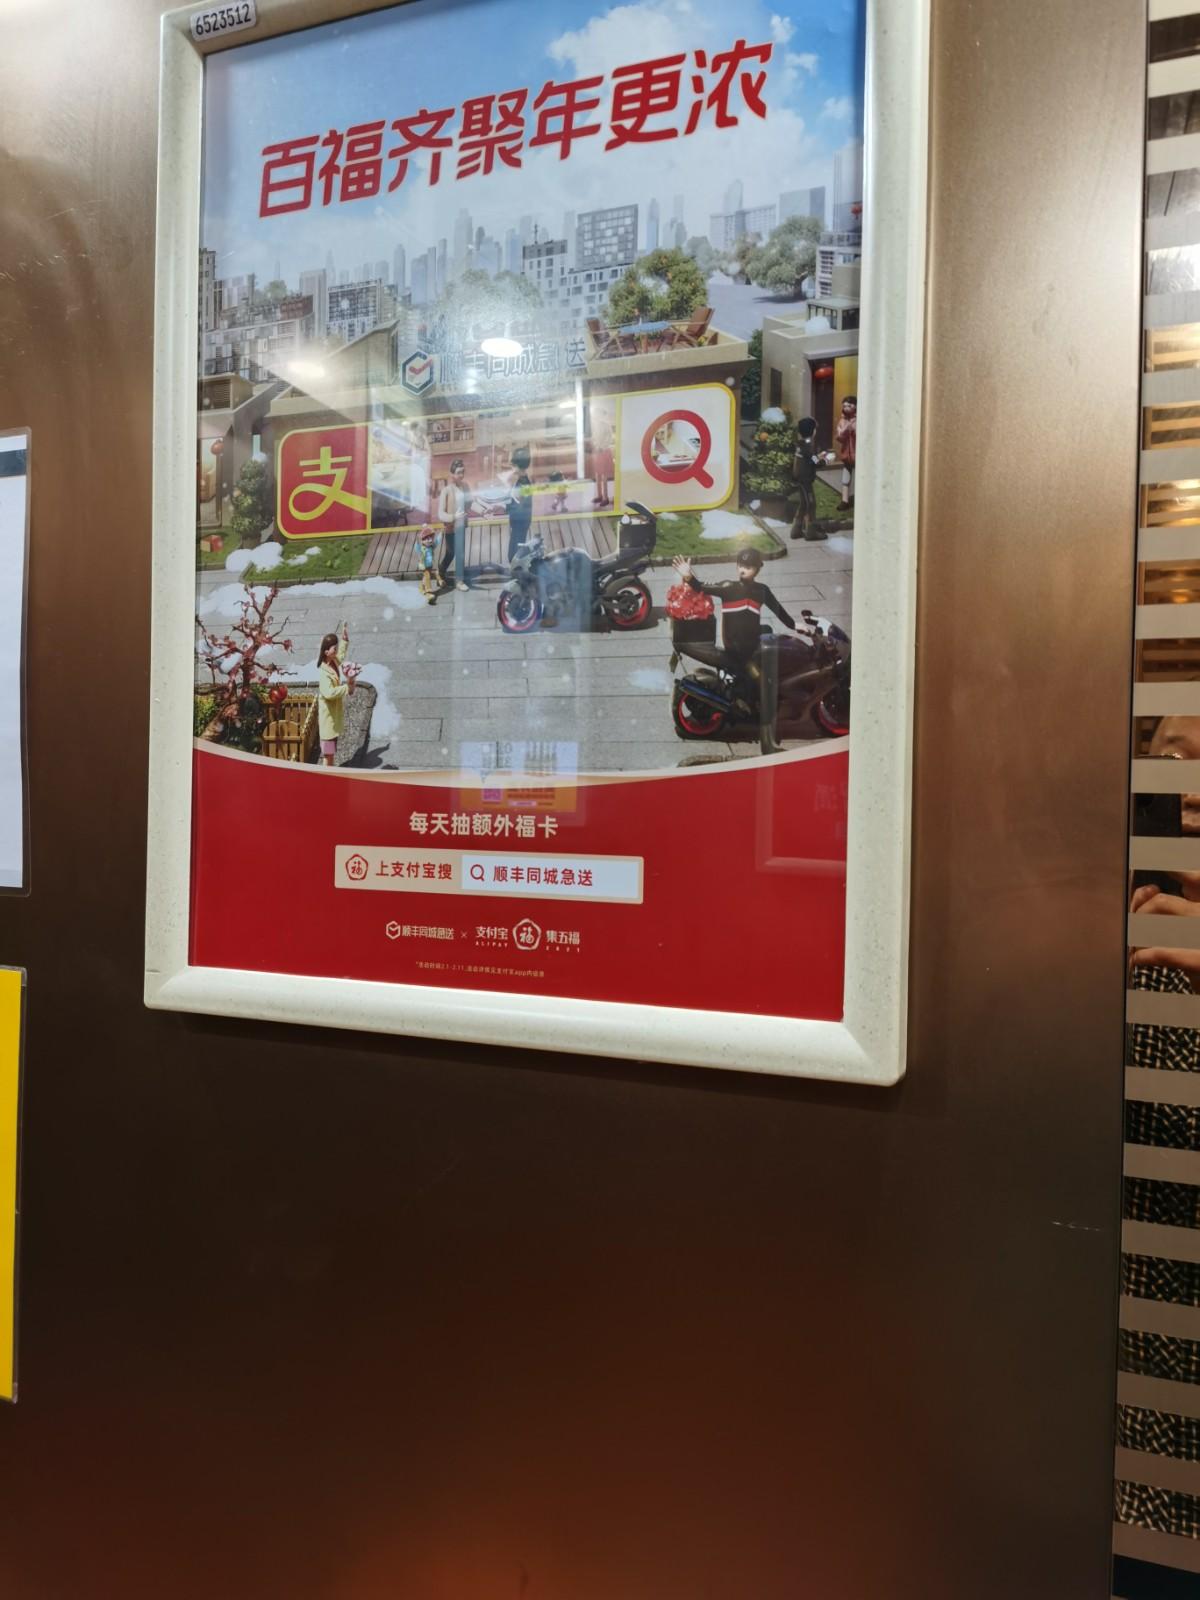 成都武侯区电梯框架广告资源